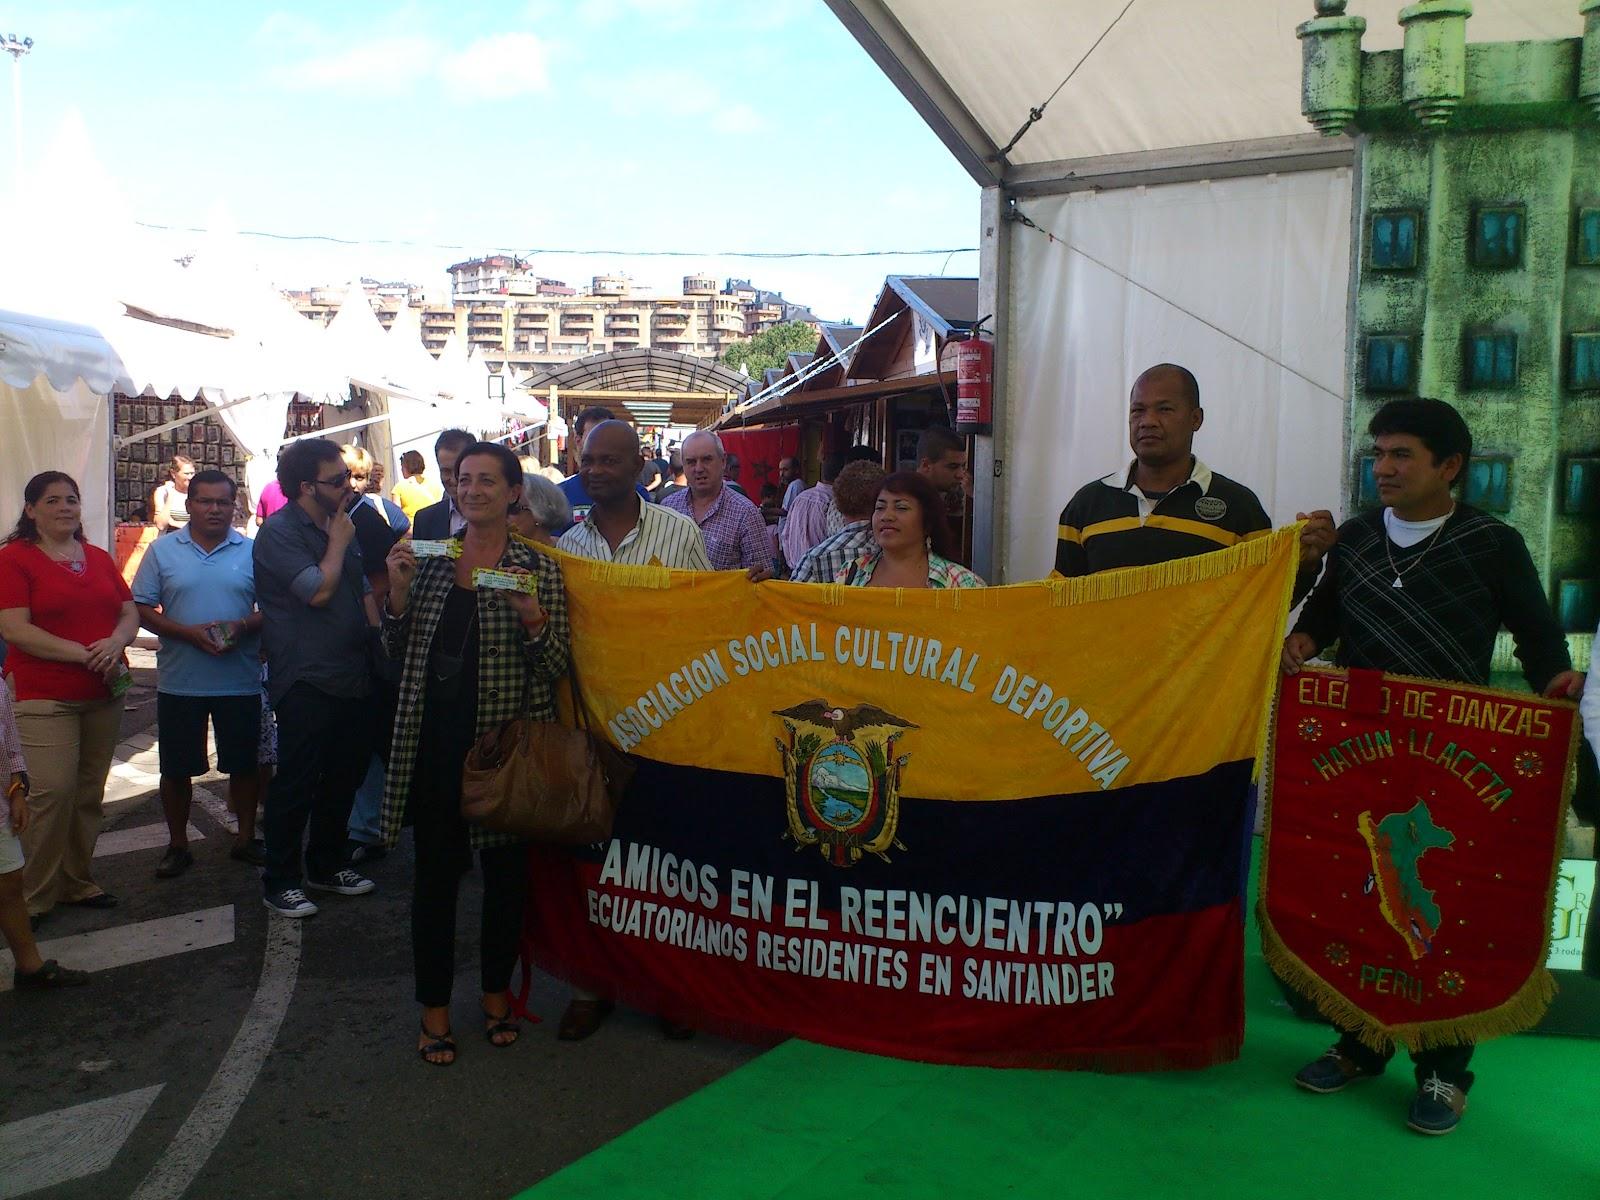 Asociaci n de ecuatorianos residentes en cantabria 1 - Cocina economica santander ...